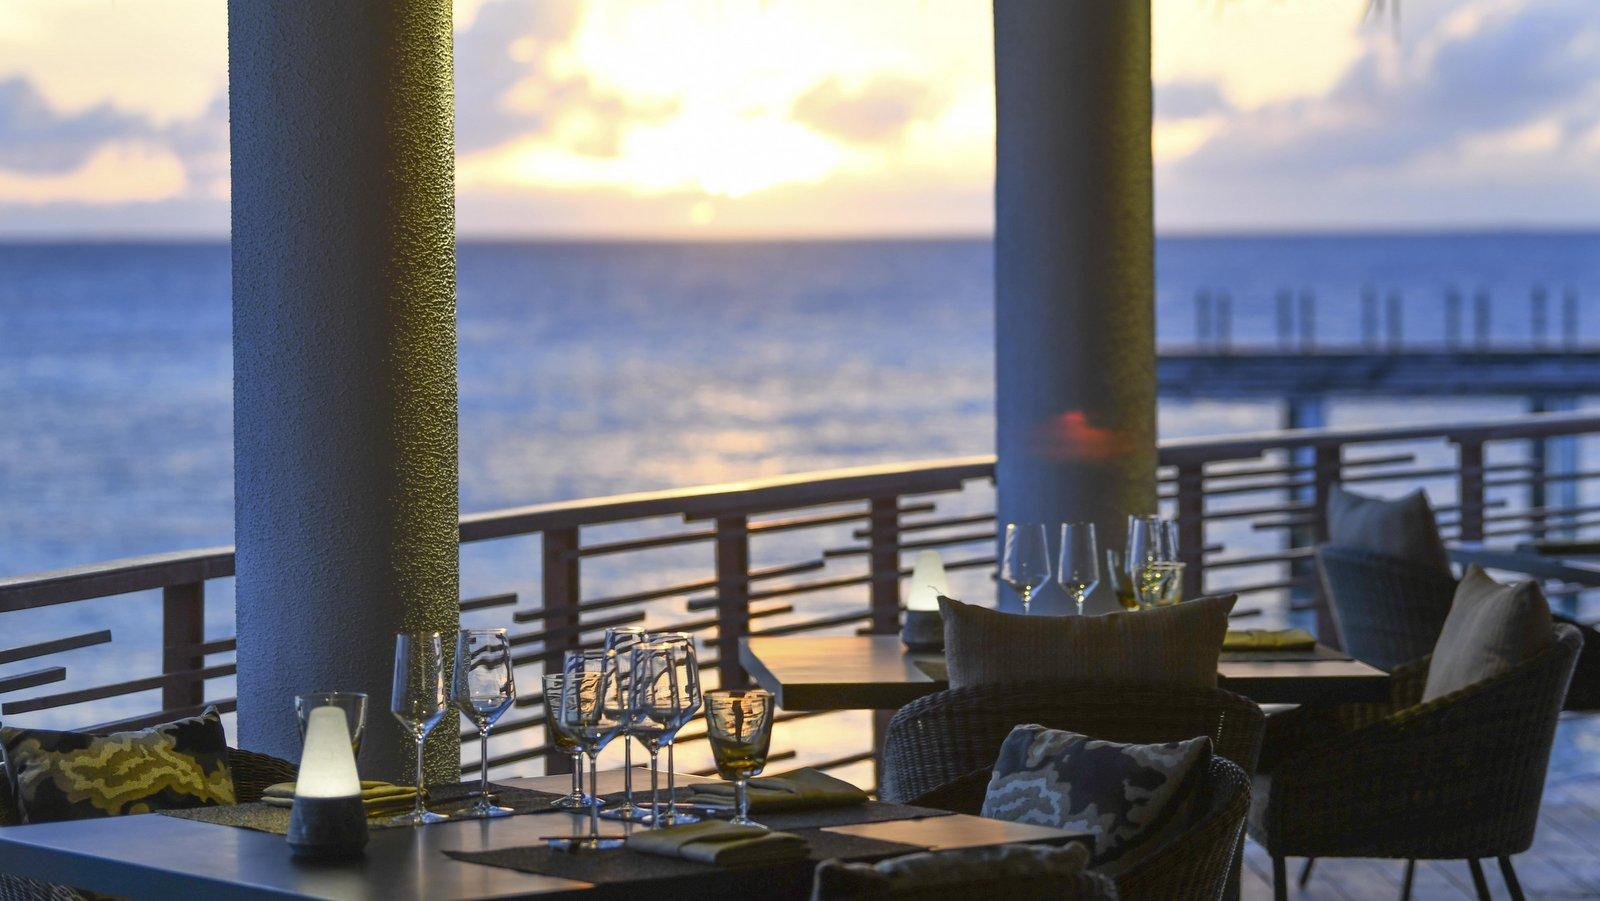 Мальдивы, отель JW Marriott Maldives Resort, ресторан Aailaa